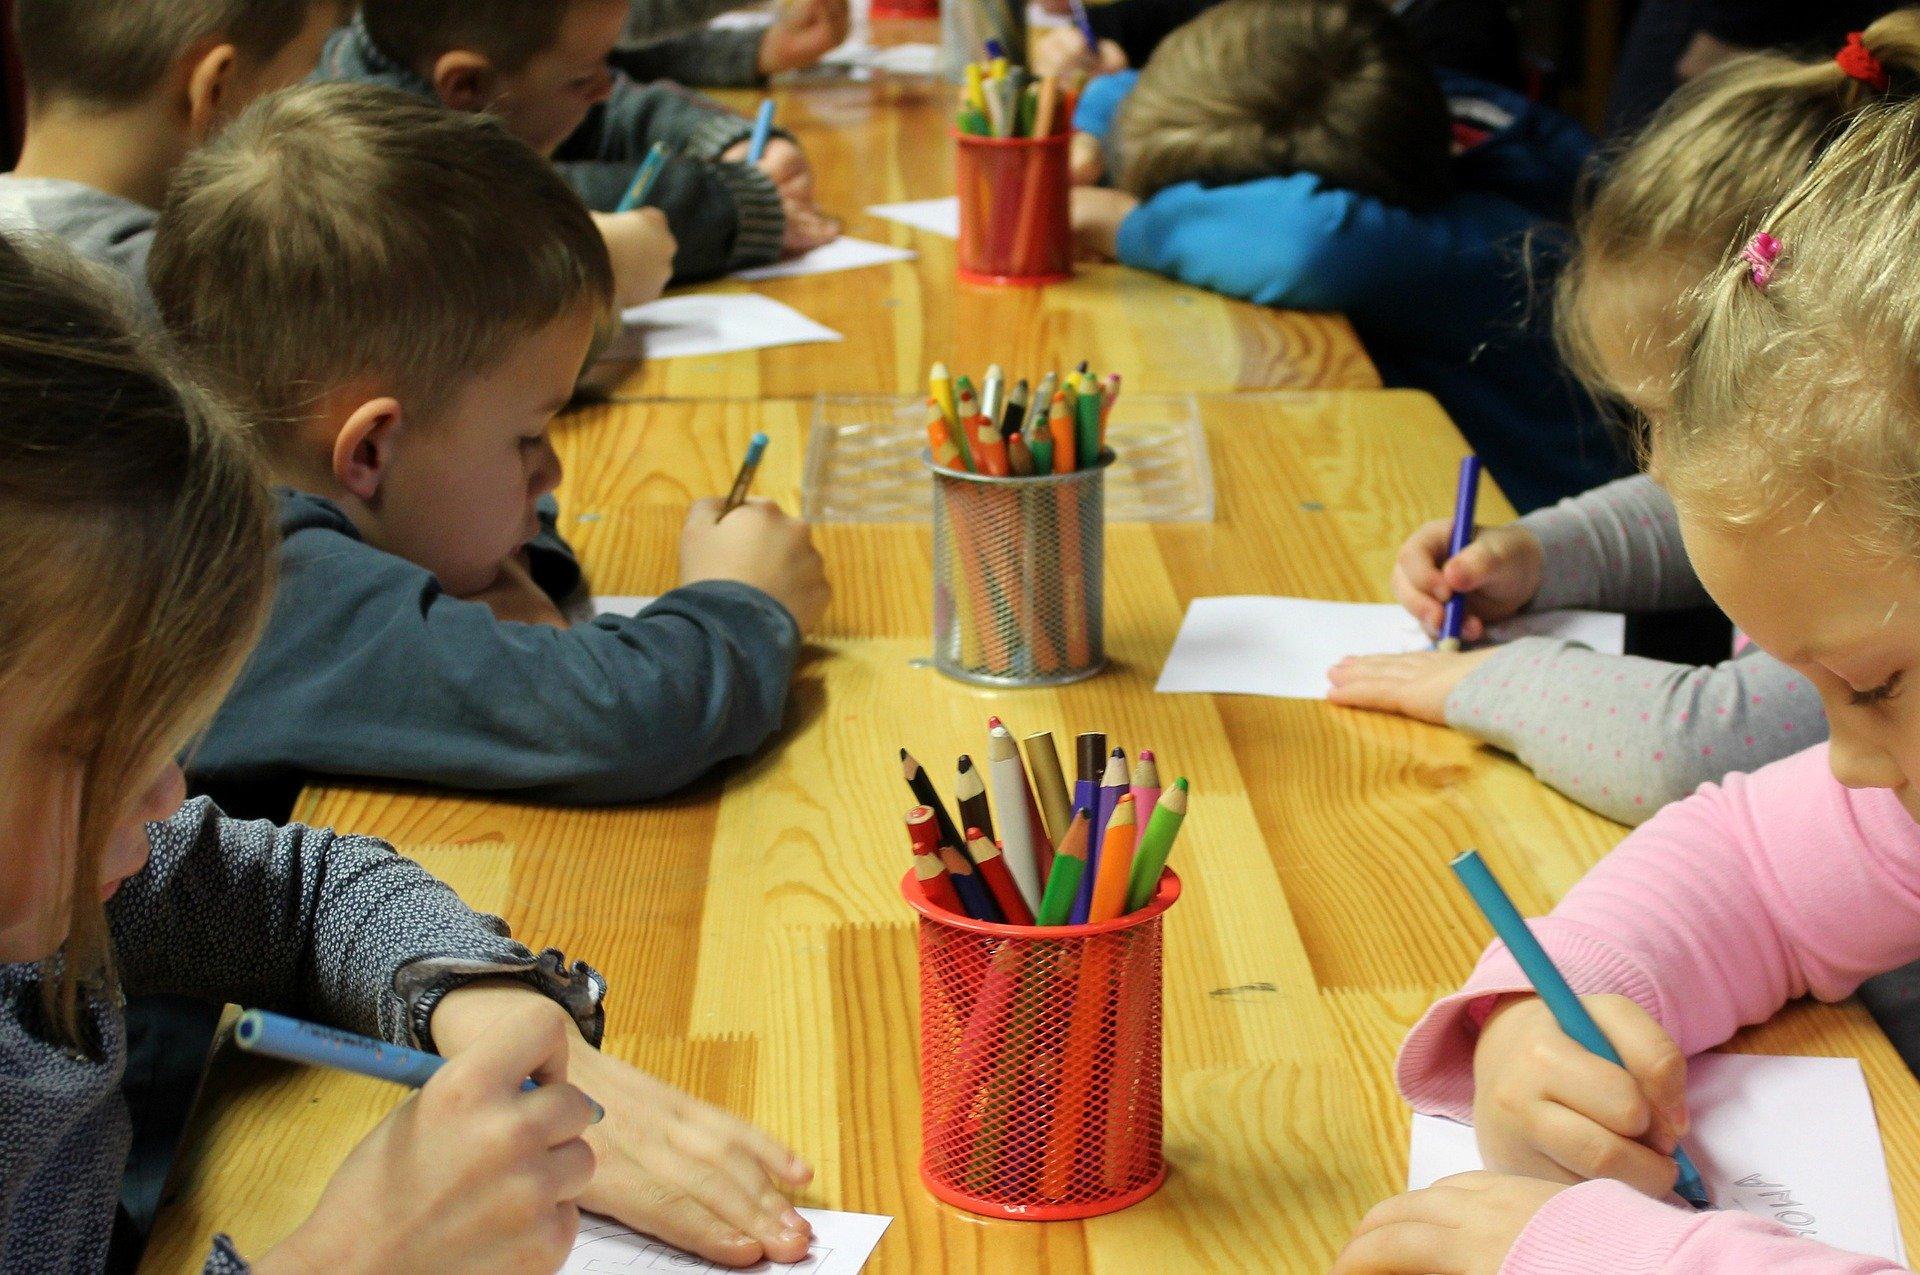 В Луцке в детском саду выявили сразу четыре случая коронавируса